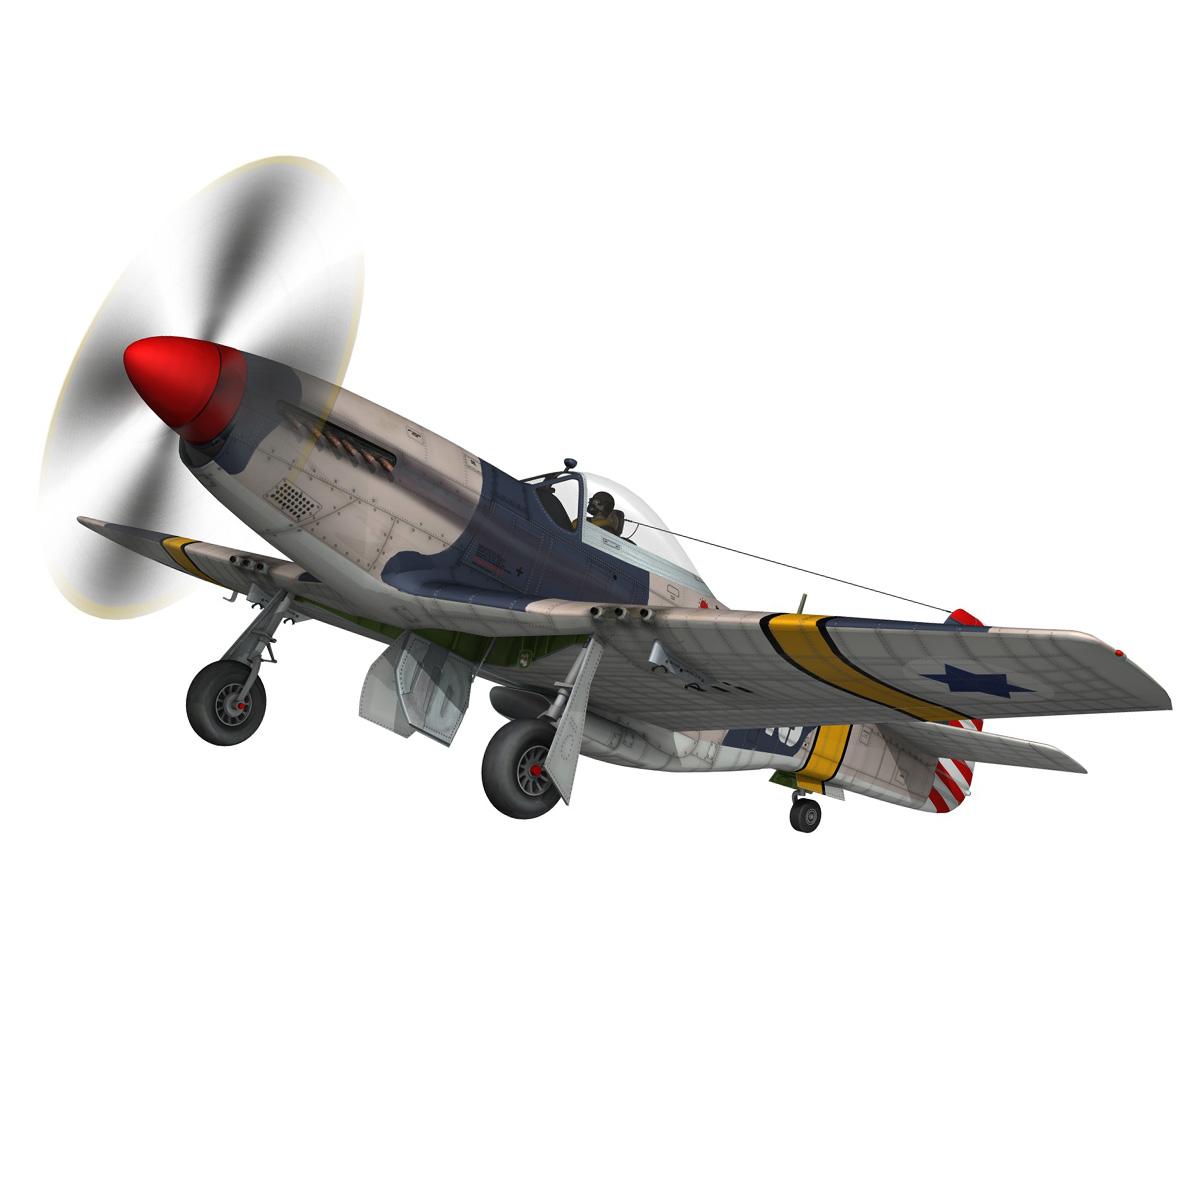 North American P-51D Mustang - IDF 3d model fbx c4d lwo lws lw obj 273314